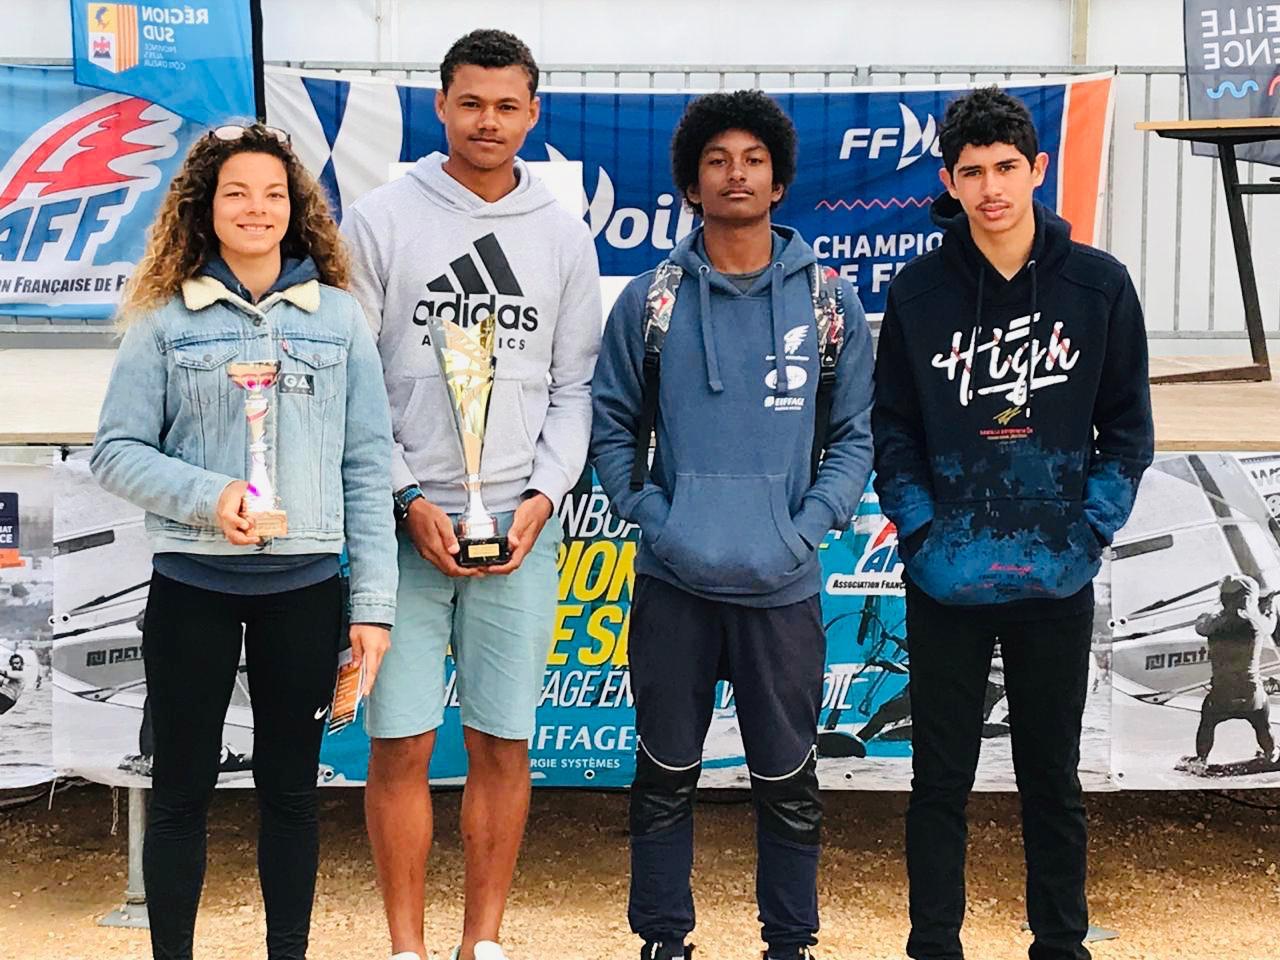 La jeune championne de windsurf Jamaïne Carlotti est décédée dans l'hexagone